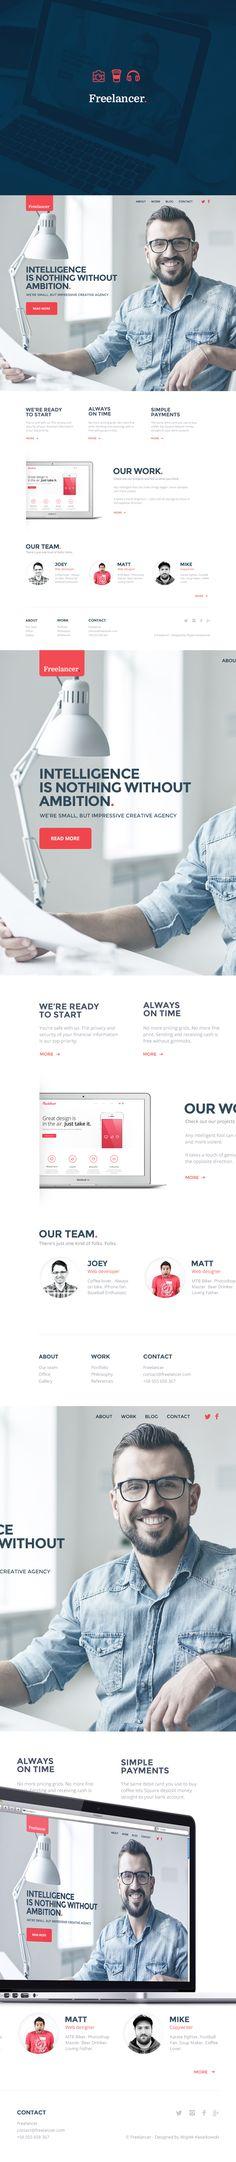 Un disseny web excel·lent per fer una presentació personal #personal #webdesign #web http://www.intelisystems.com